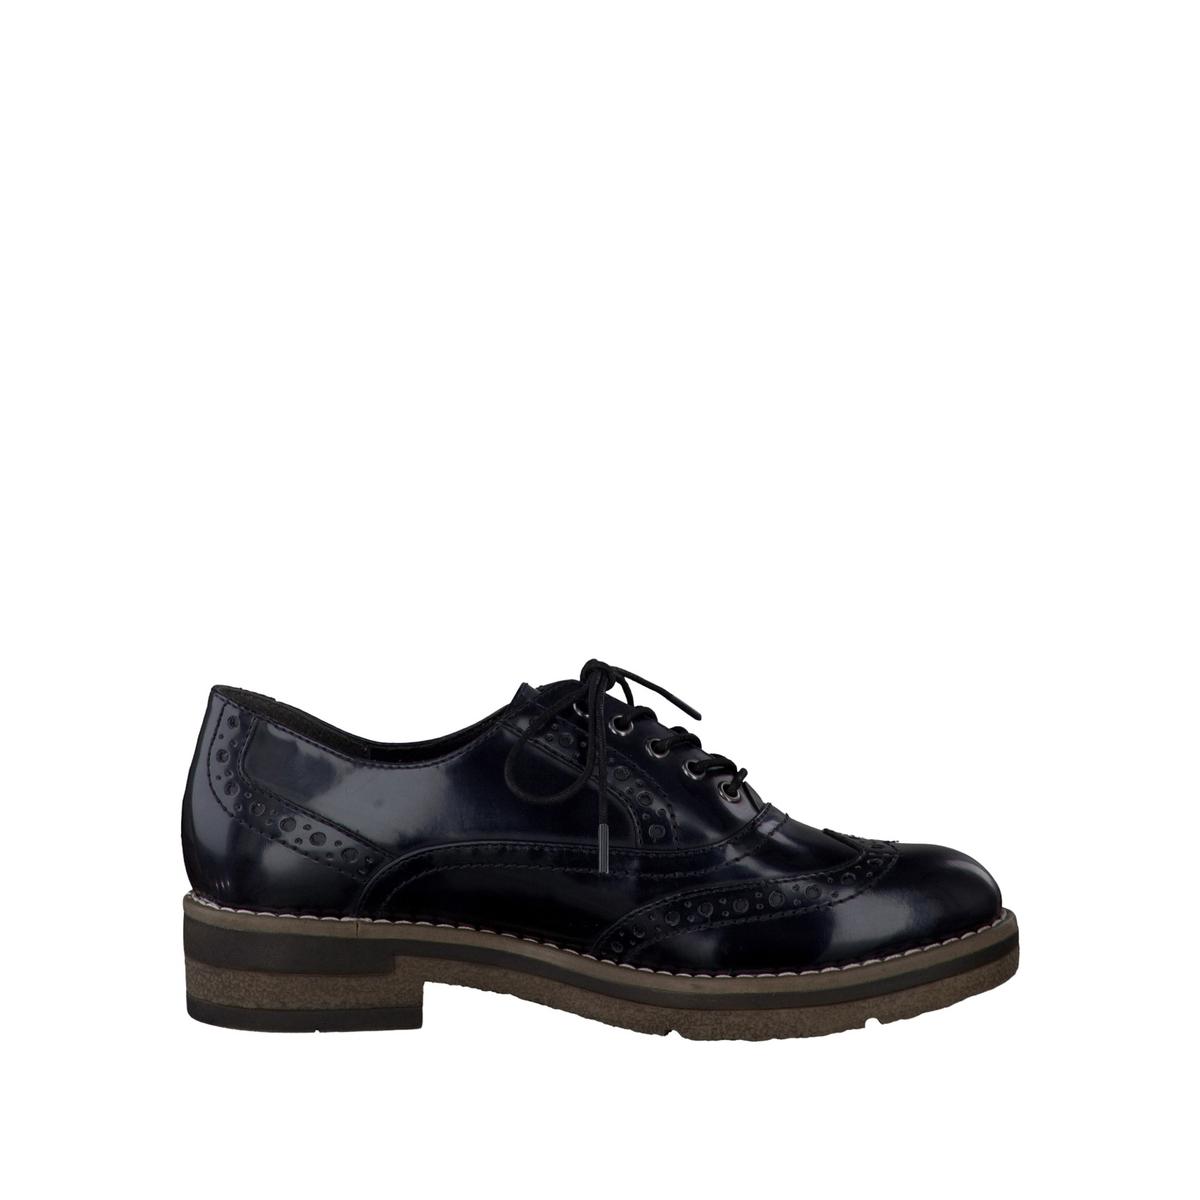 Ботинки-дерби  23316-37Верх/Голенище : синтетика  Подкладка : Текстиль  Стелька : синтетика  Подошва : синтетика  Высота каблука : 3,5 см.  Форма каблука : плоский каблук  Мысок : закругленный.  Застежка : шнуровка<br><br>Цвет: синий морской